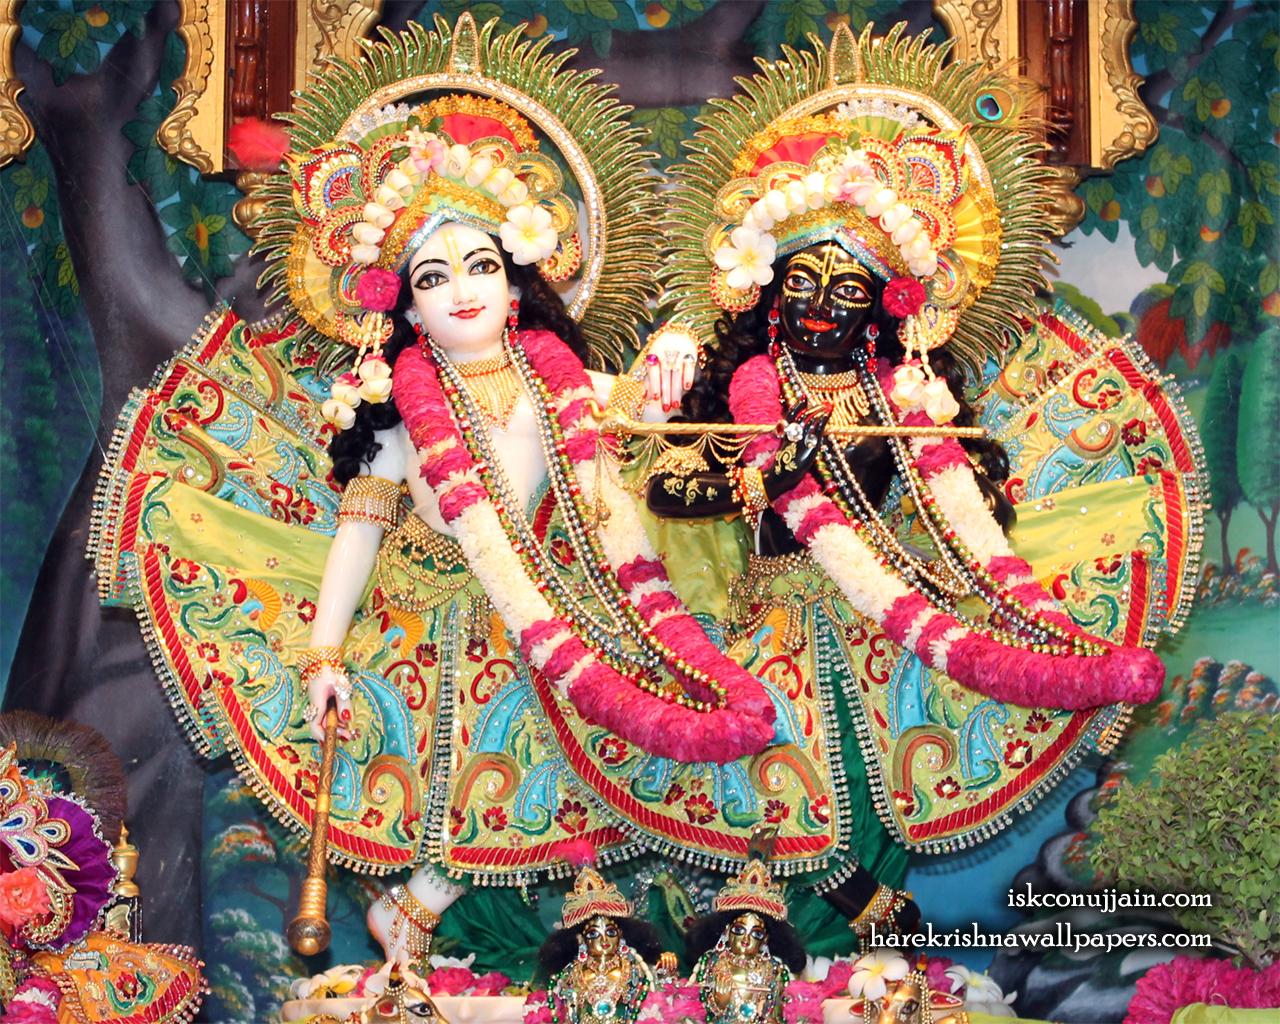 Sri Sri Krishna Balaram Wallpaper (010) Size 1280x1024 Download